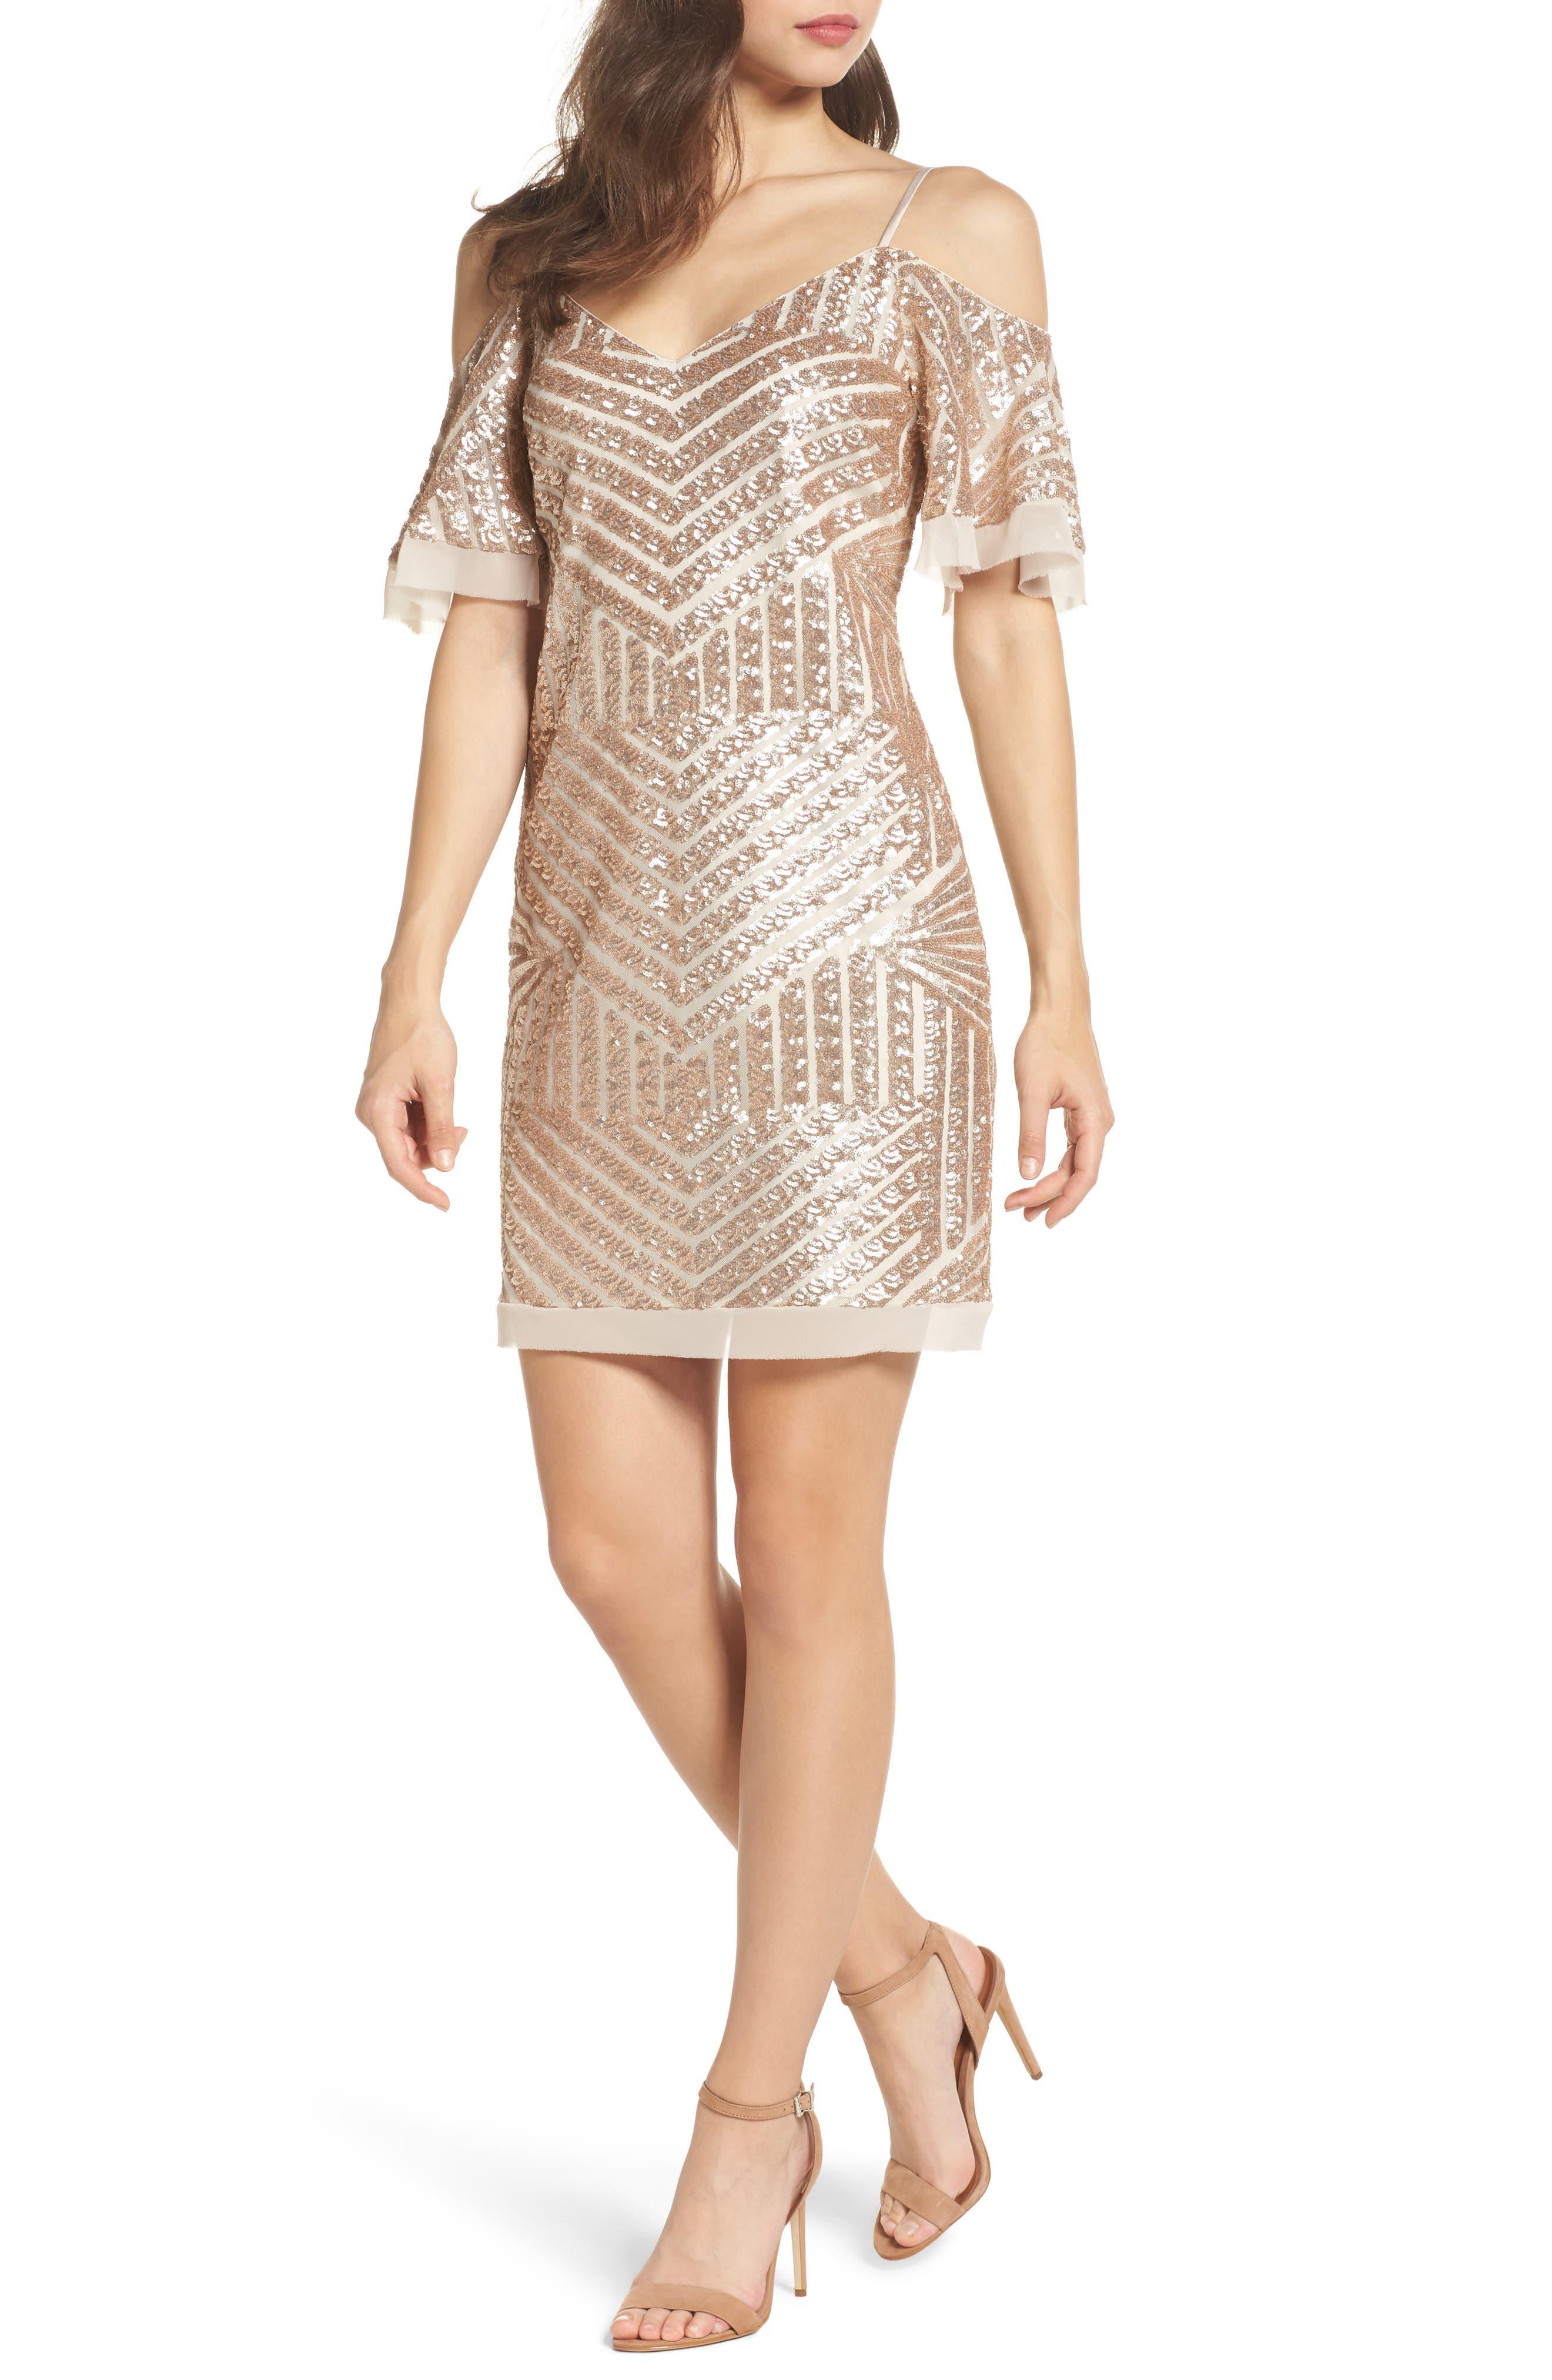 Alternate Image 1 Selected - Vince Camuto Sequin Cold Shoulder Dress (Regular & Petite)